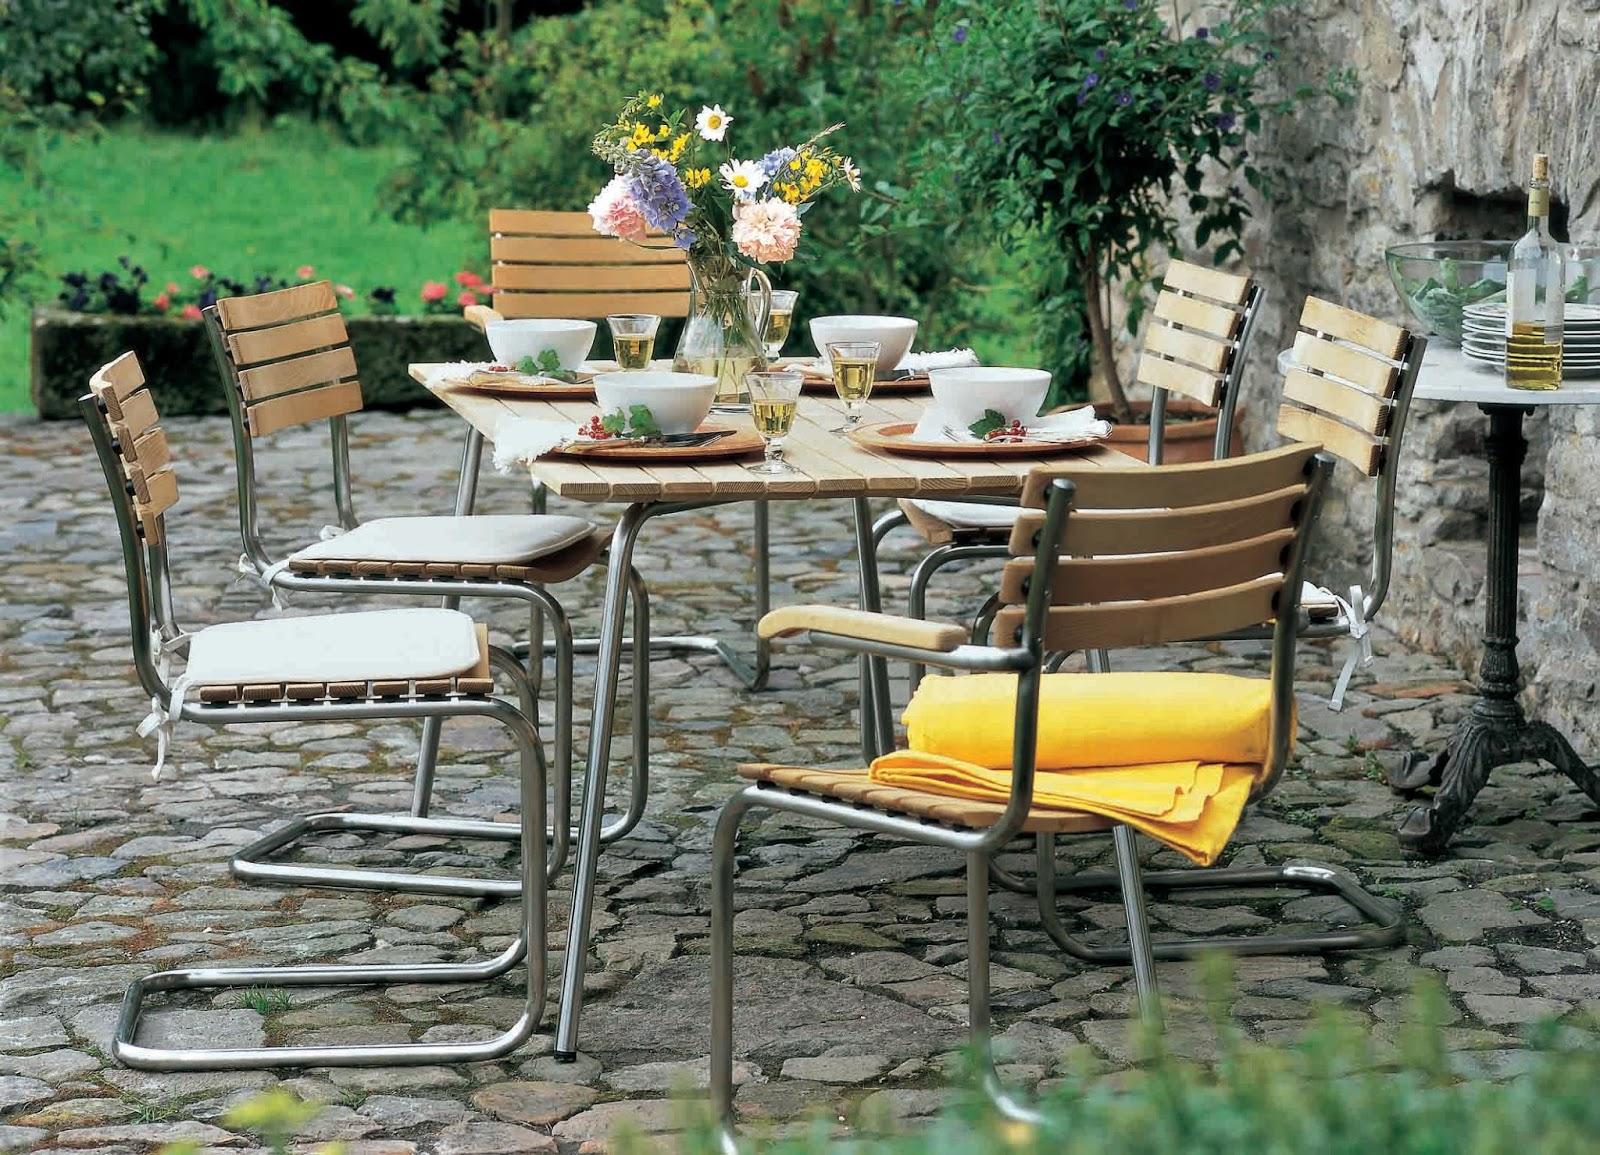 L iconica sedia da giardino s40 di mart stam festeggia i for Sedia design anni 40